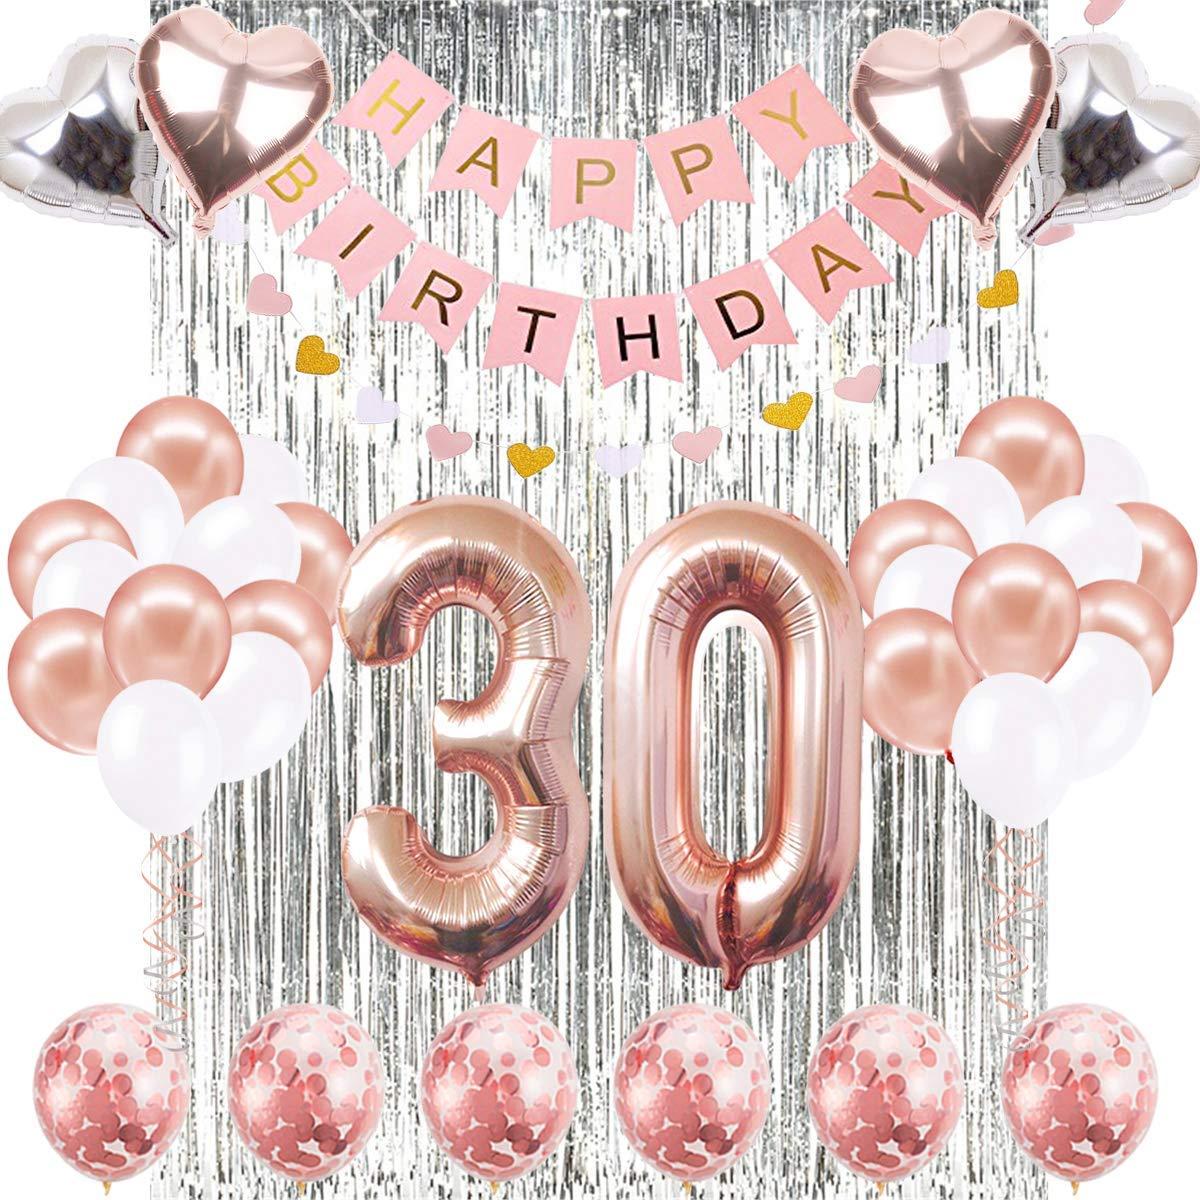 Decoraciones de Cumpleaños Número 30 Banner Globo Decoraciones de Cumpleaños Número 30 Artículos de Fiesta Regalos Para Mujeres Globos Número 30 de ...